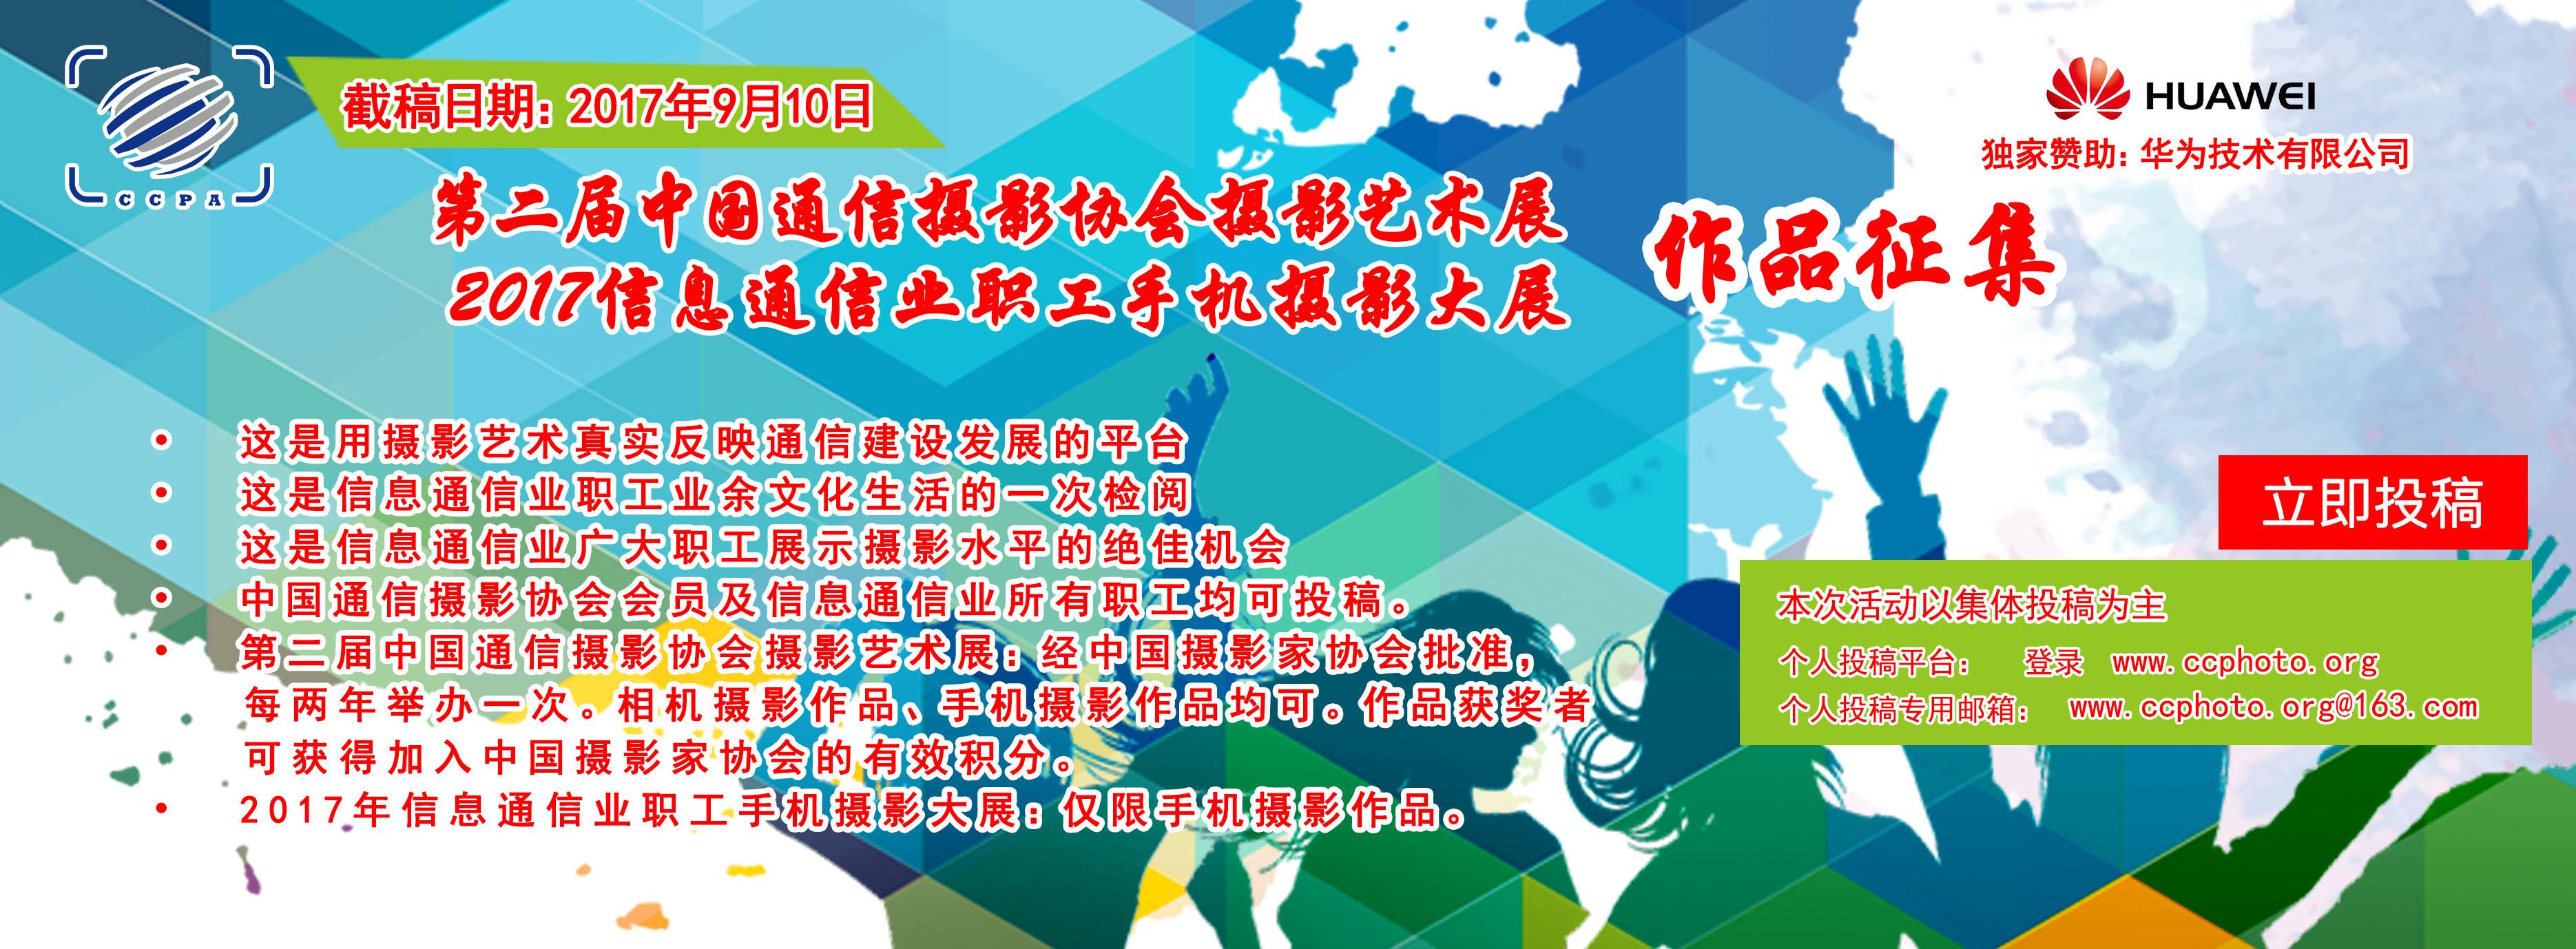 手机大展banner图.jpg